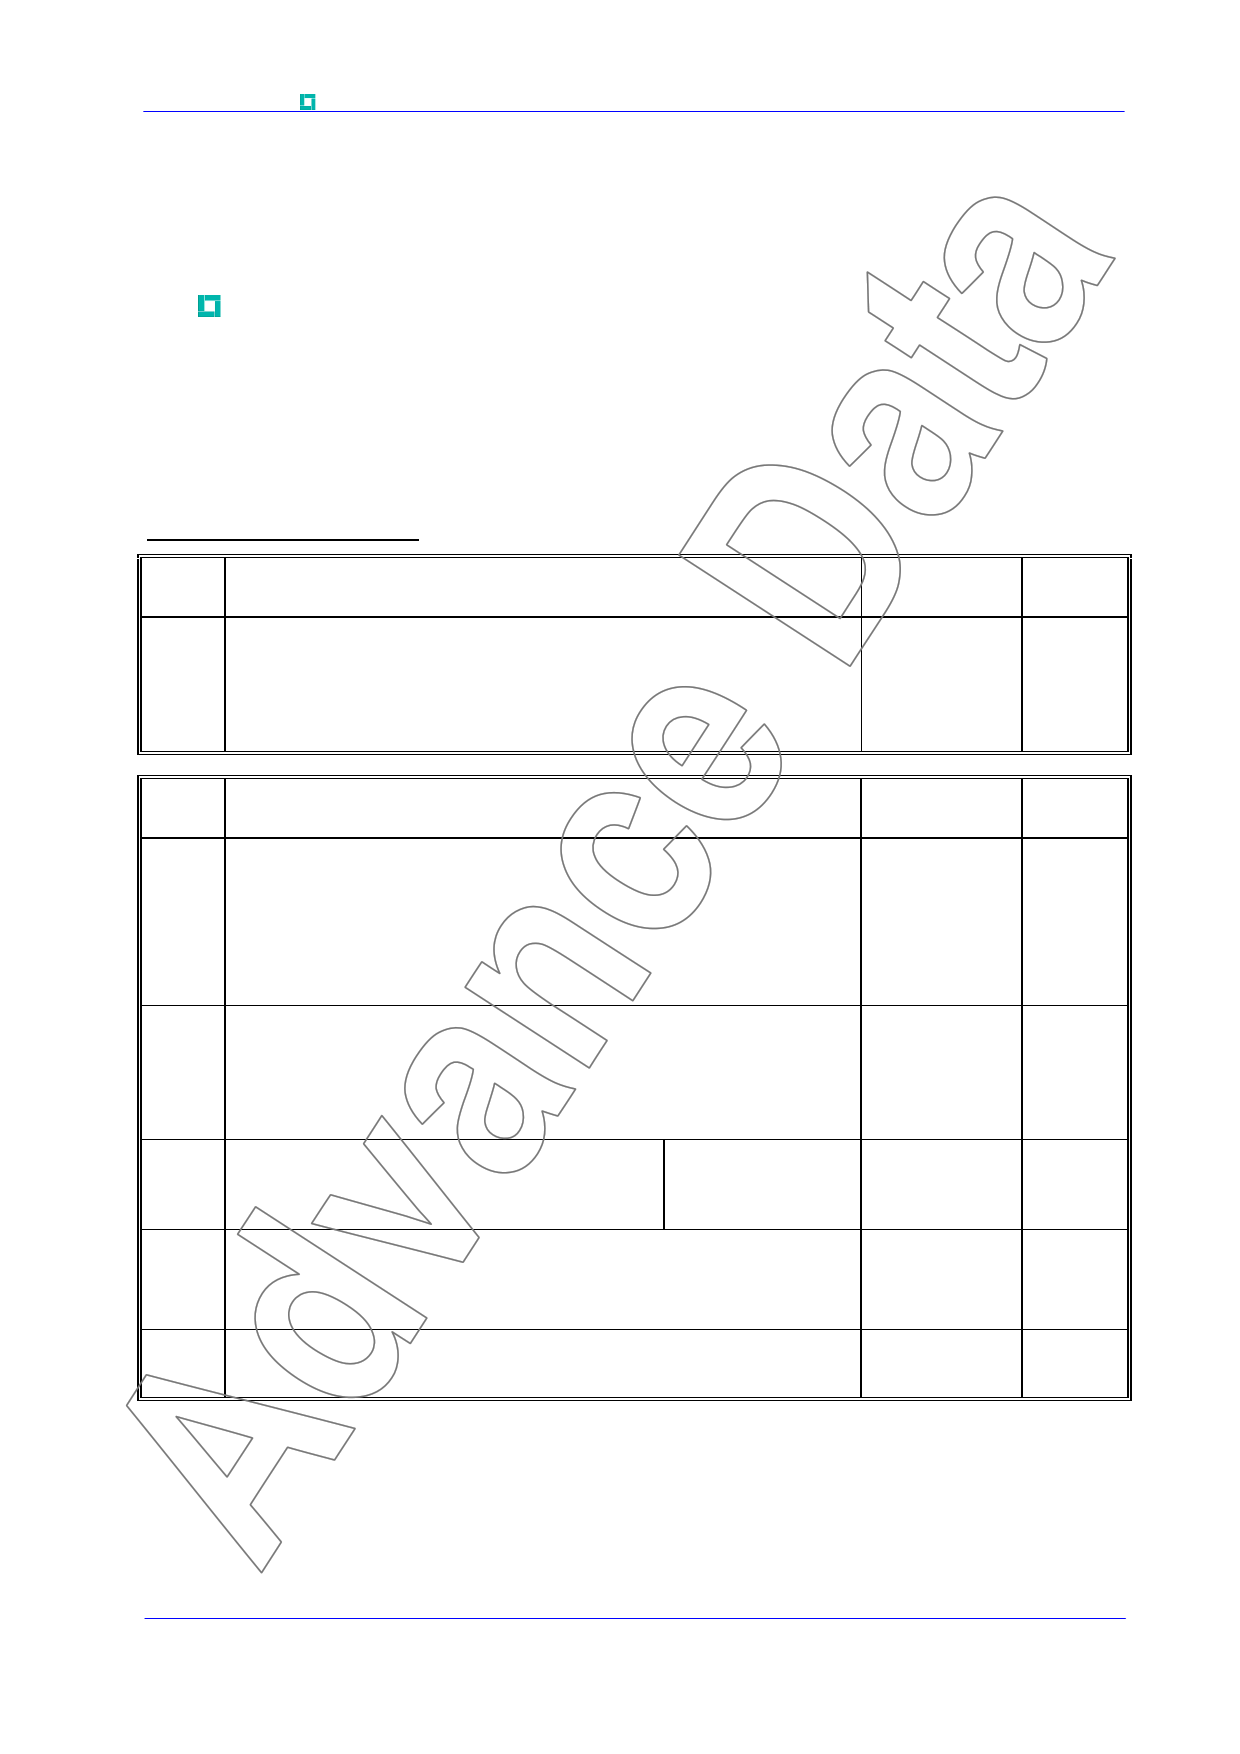 K0885NG440 datasheet